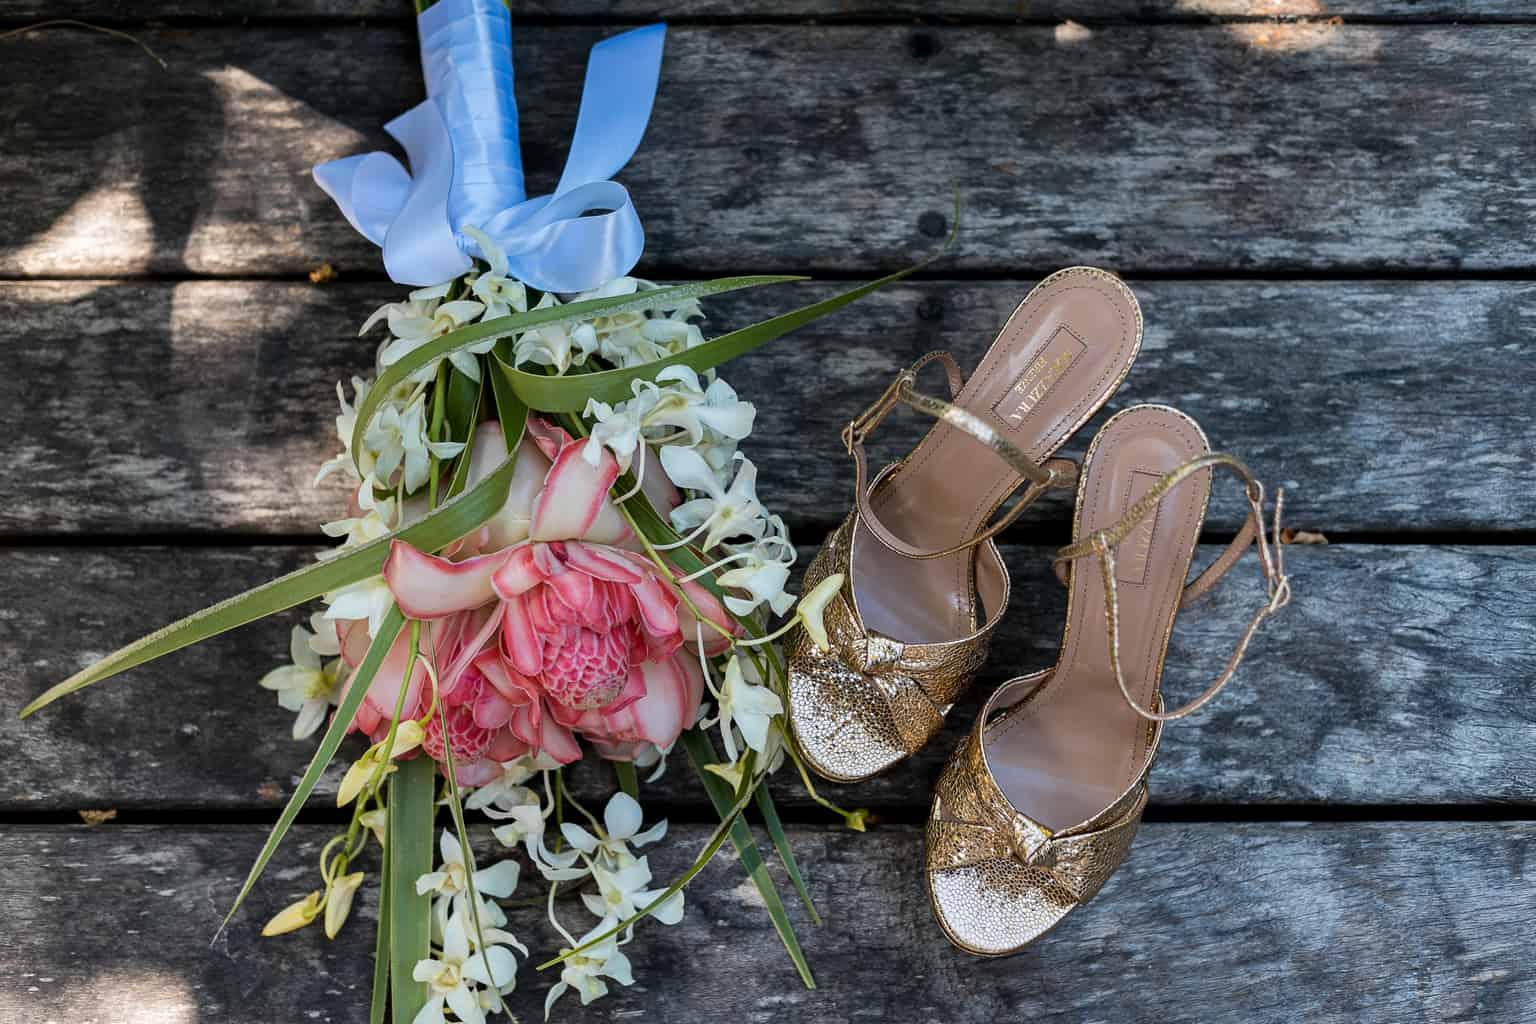 Casamento-Victoria-e-Christian-Fotografia-Tiago-Saldanha72_MG_2013